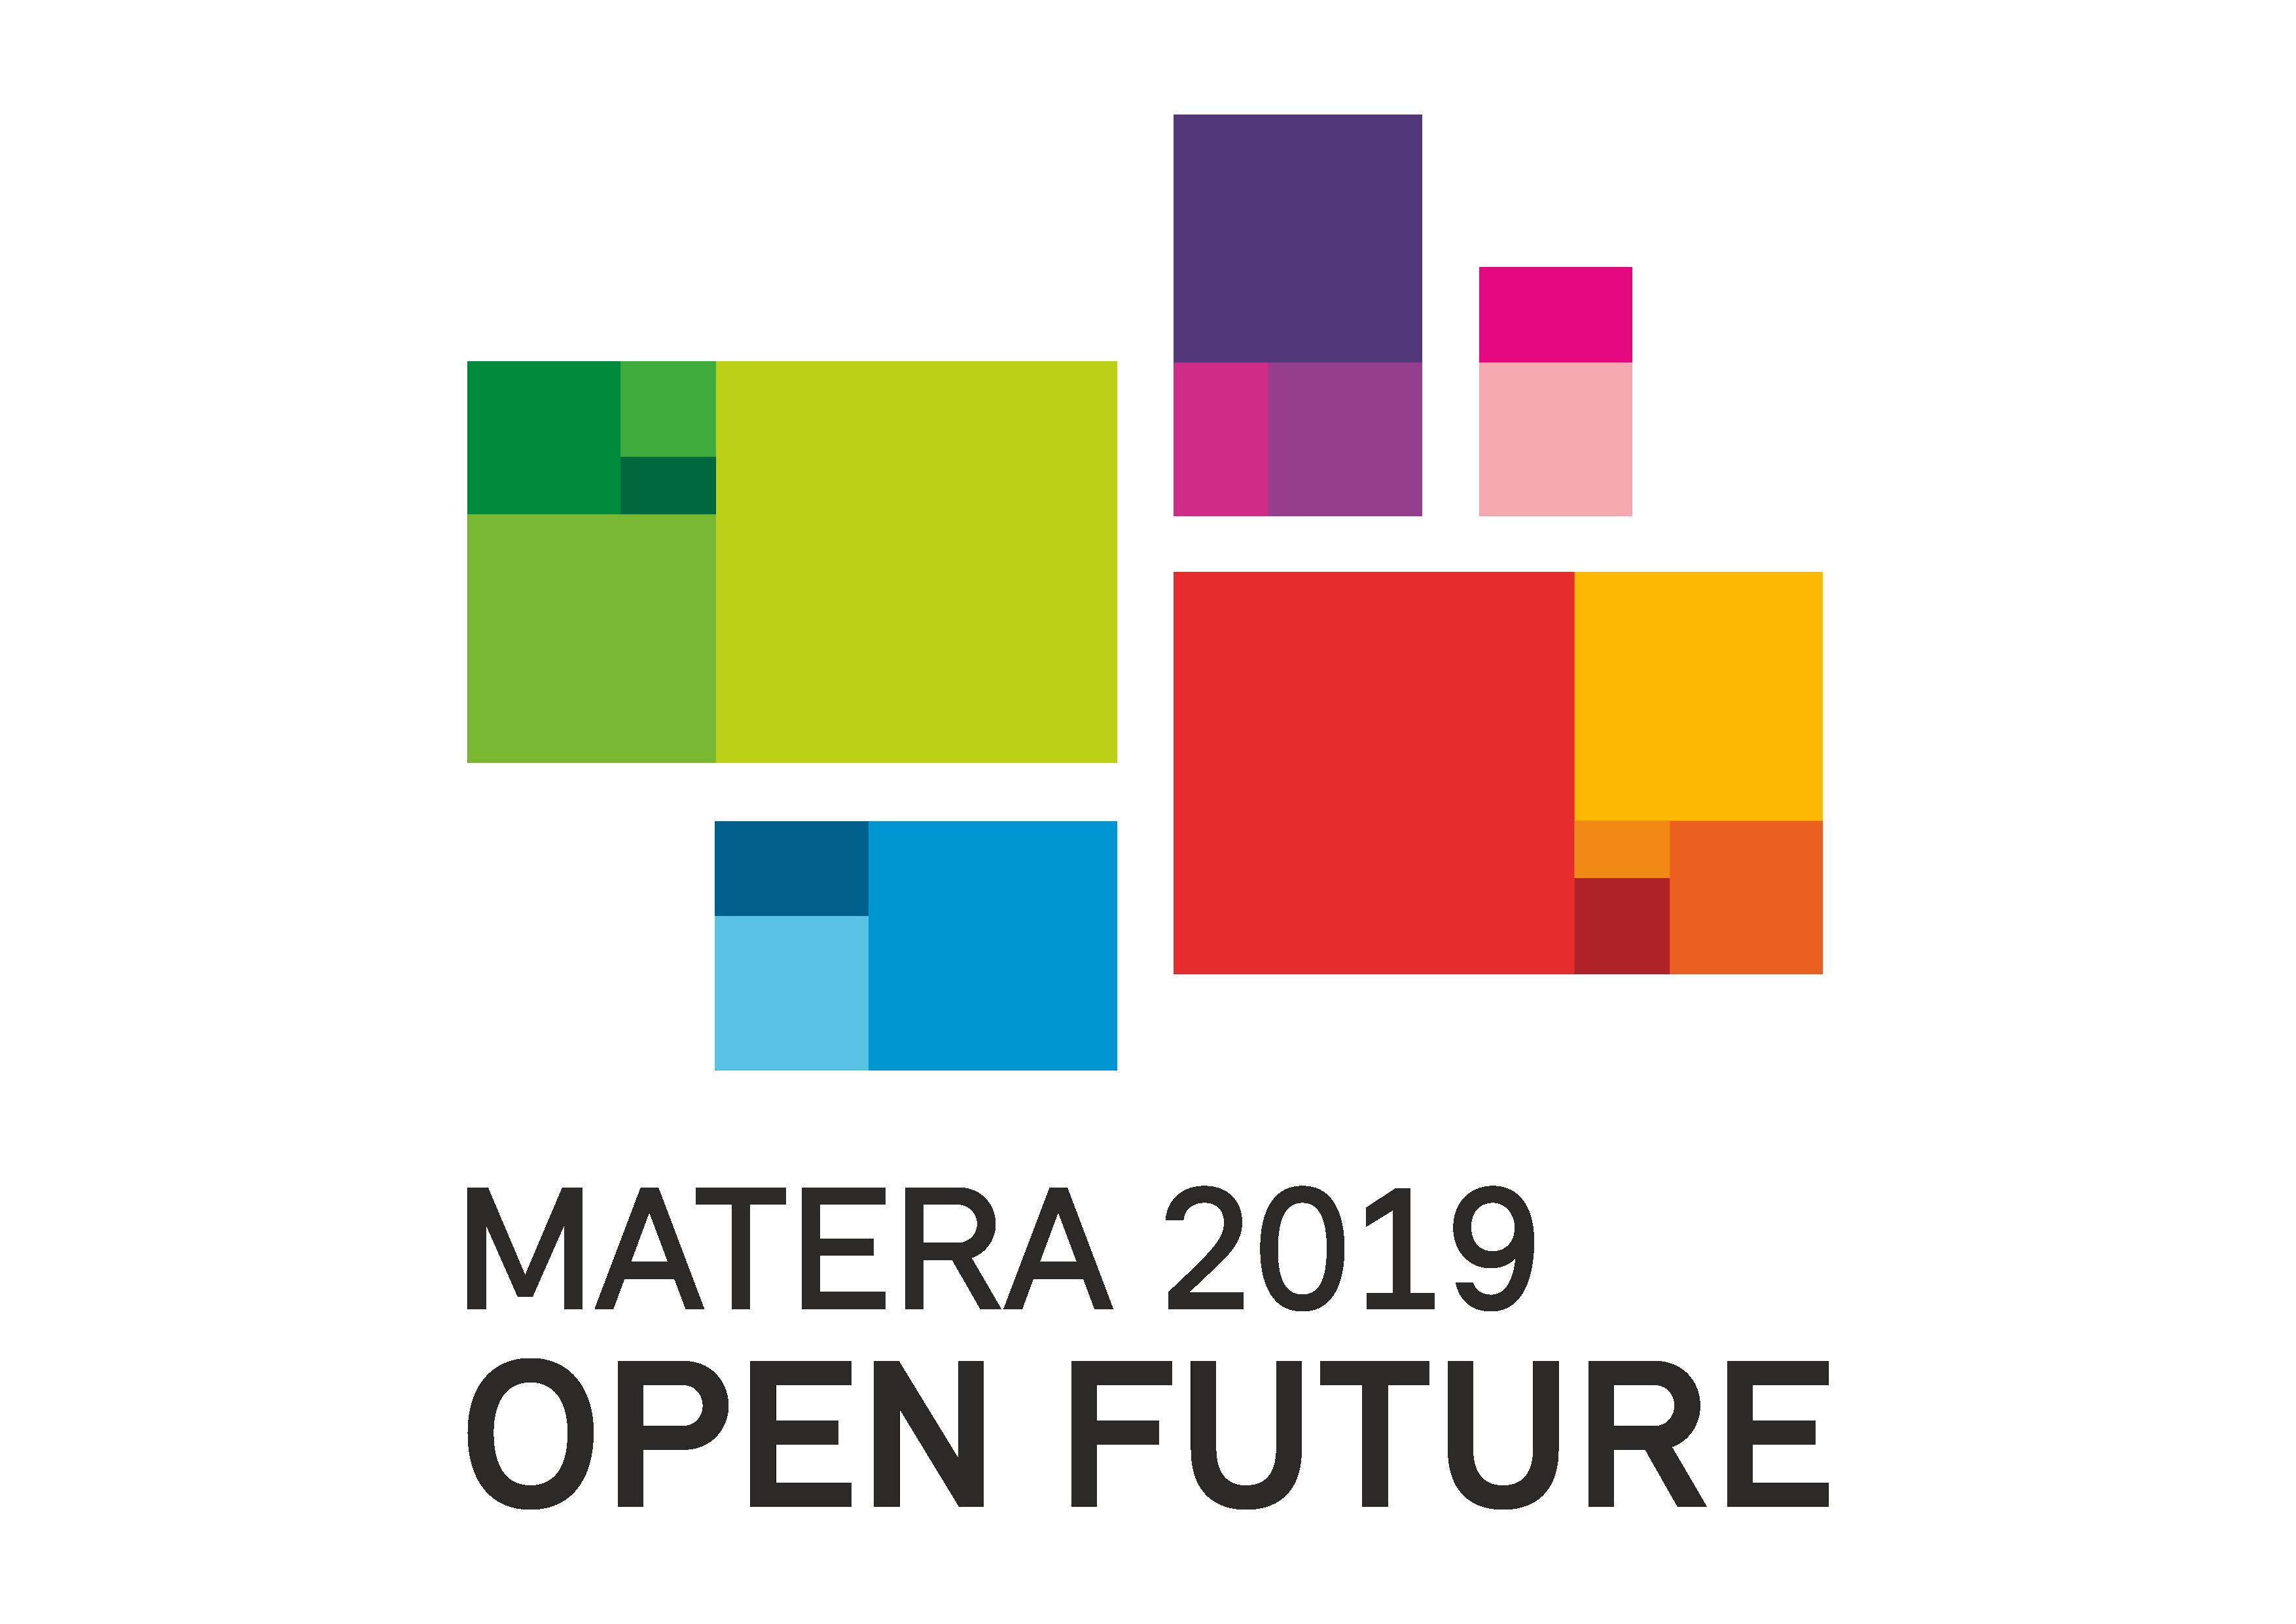 Fondazione Matera logo